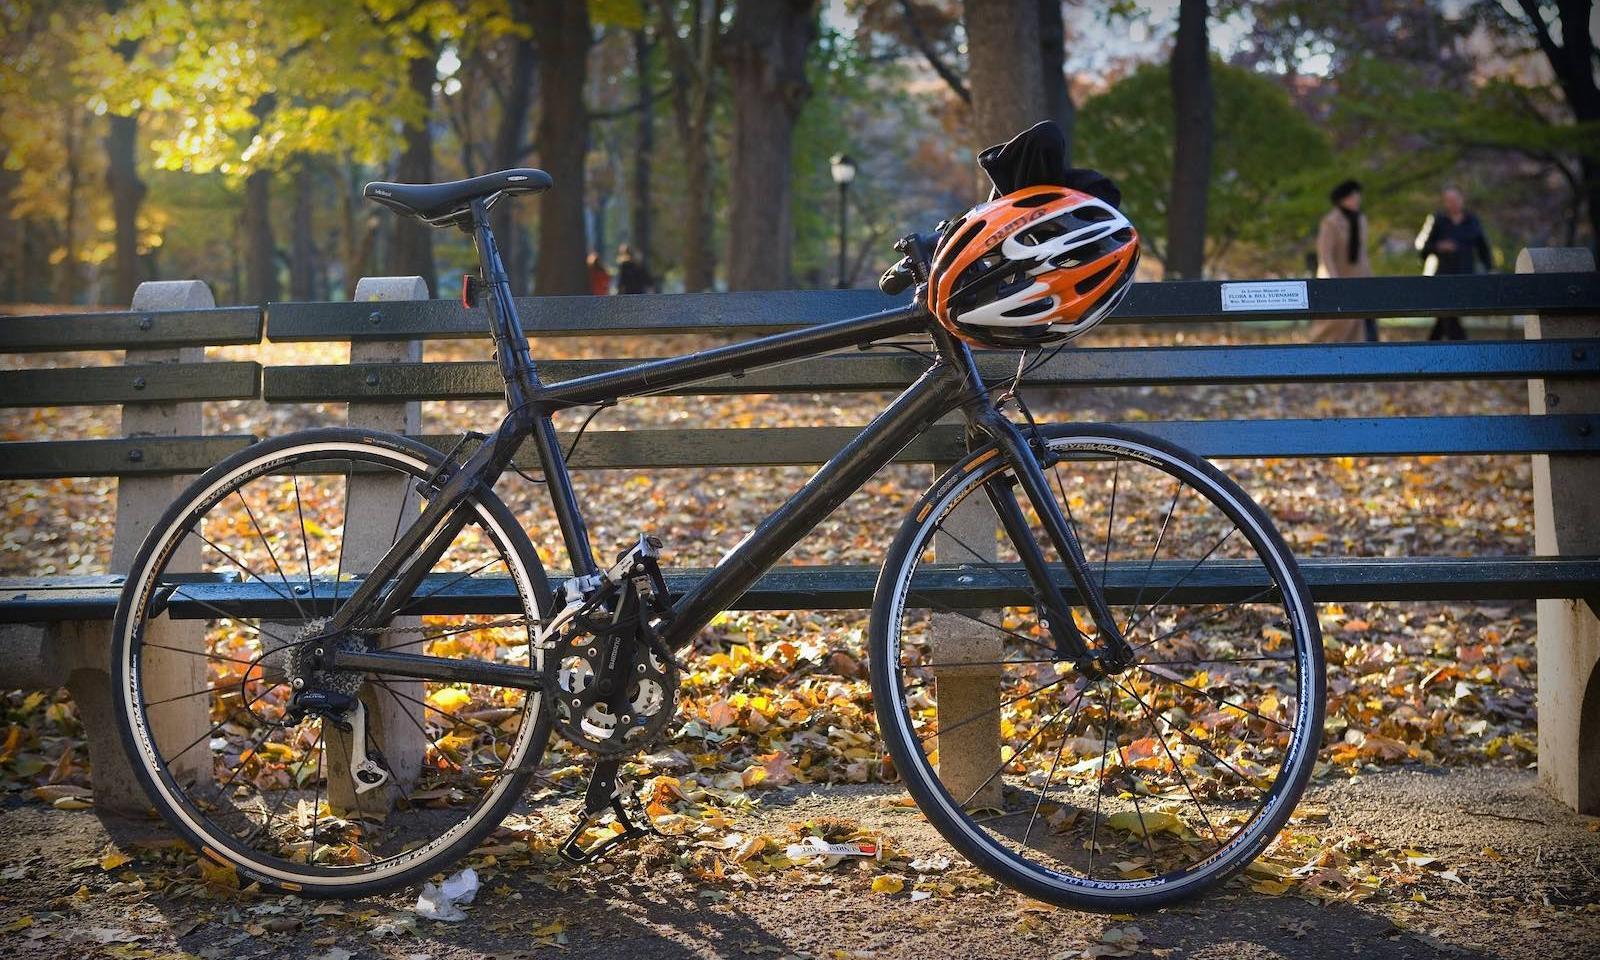 Fahrrad im Central Park